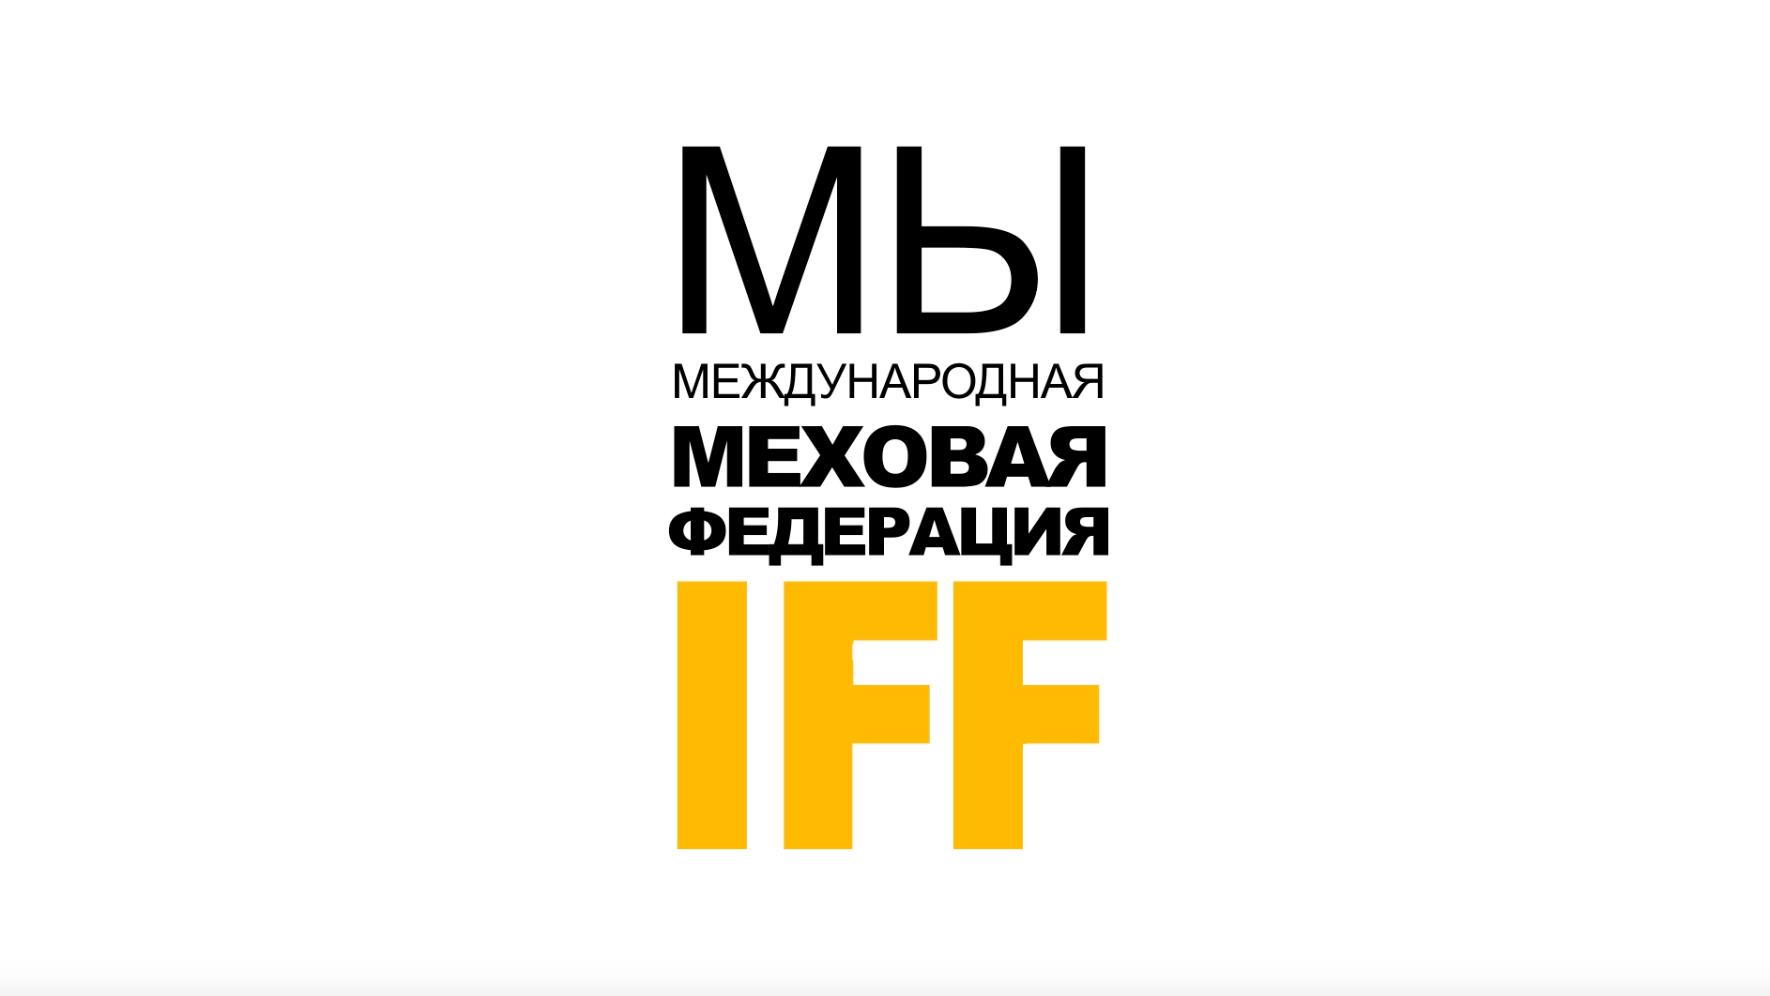 Мы являемся частью Международной федерации меха, International Fur Federation